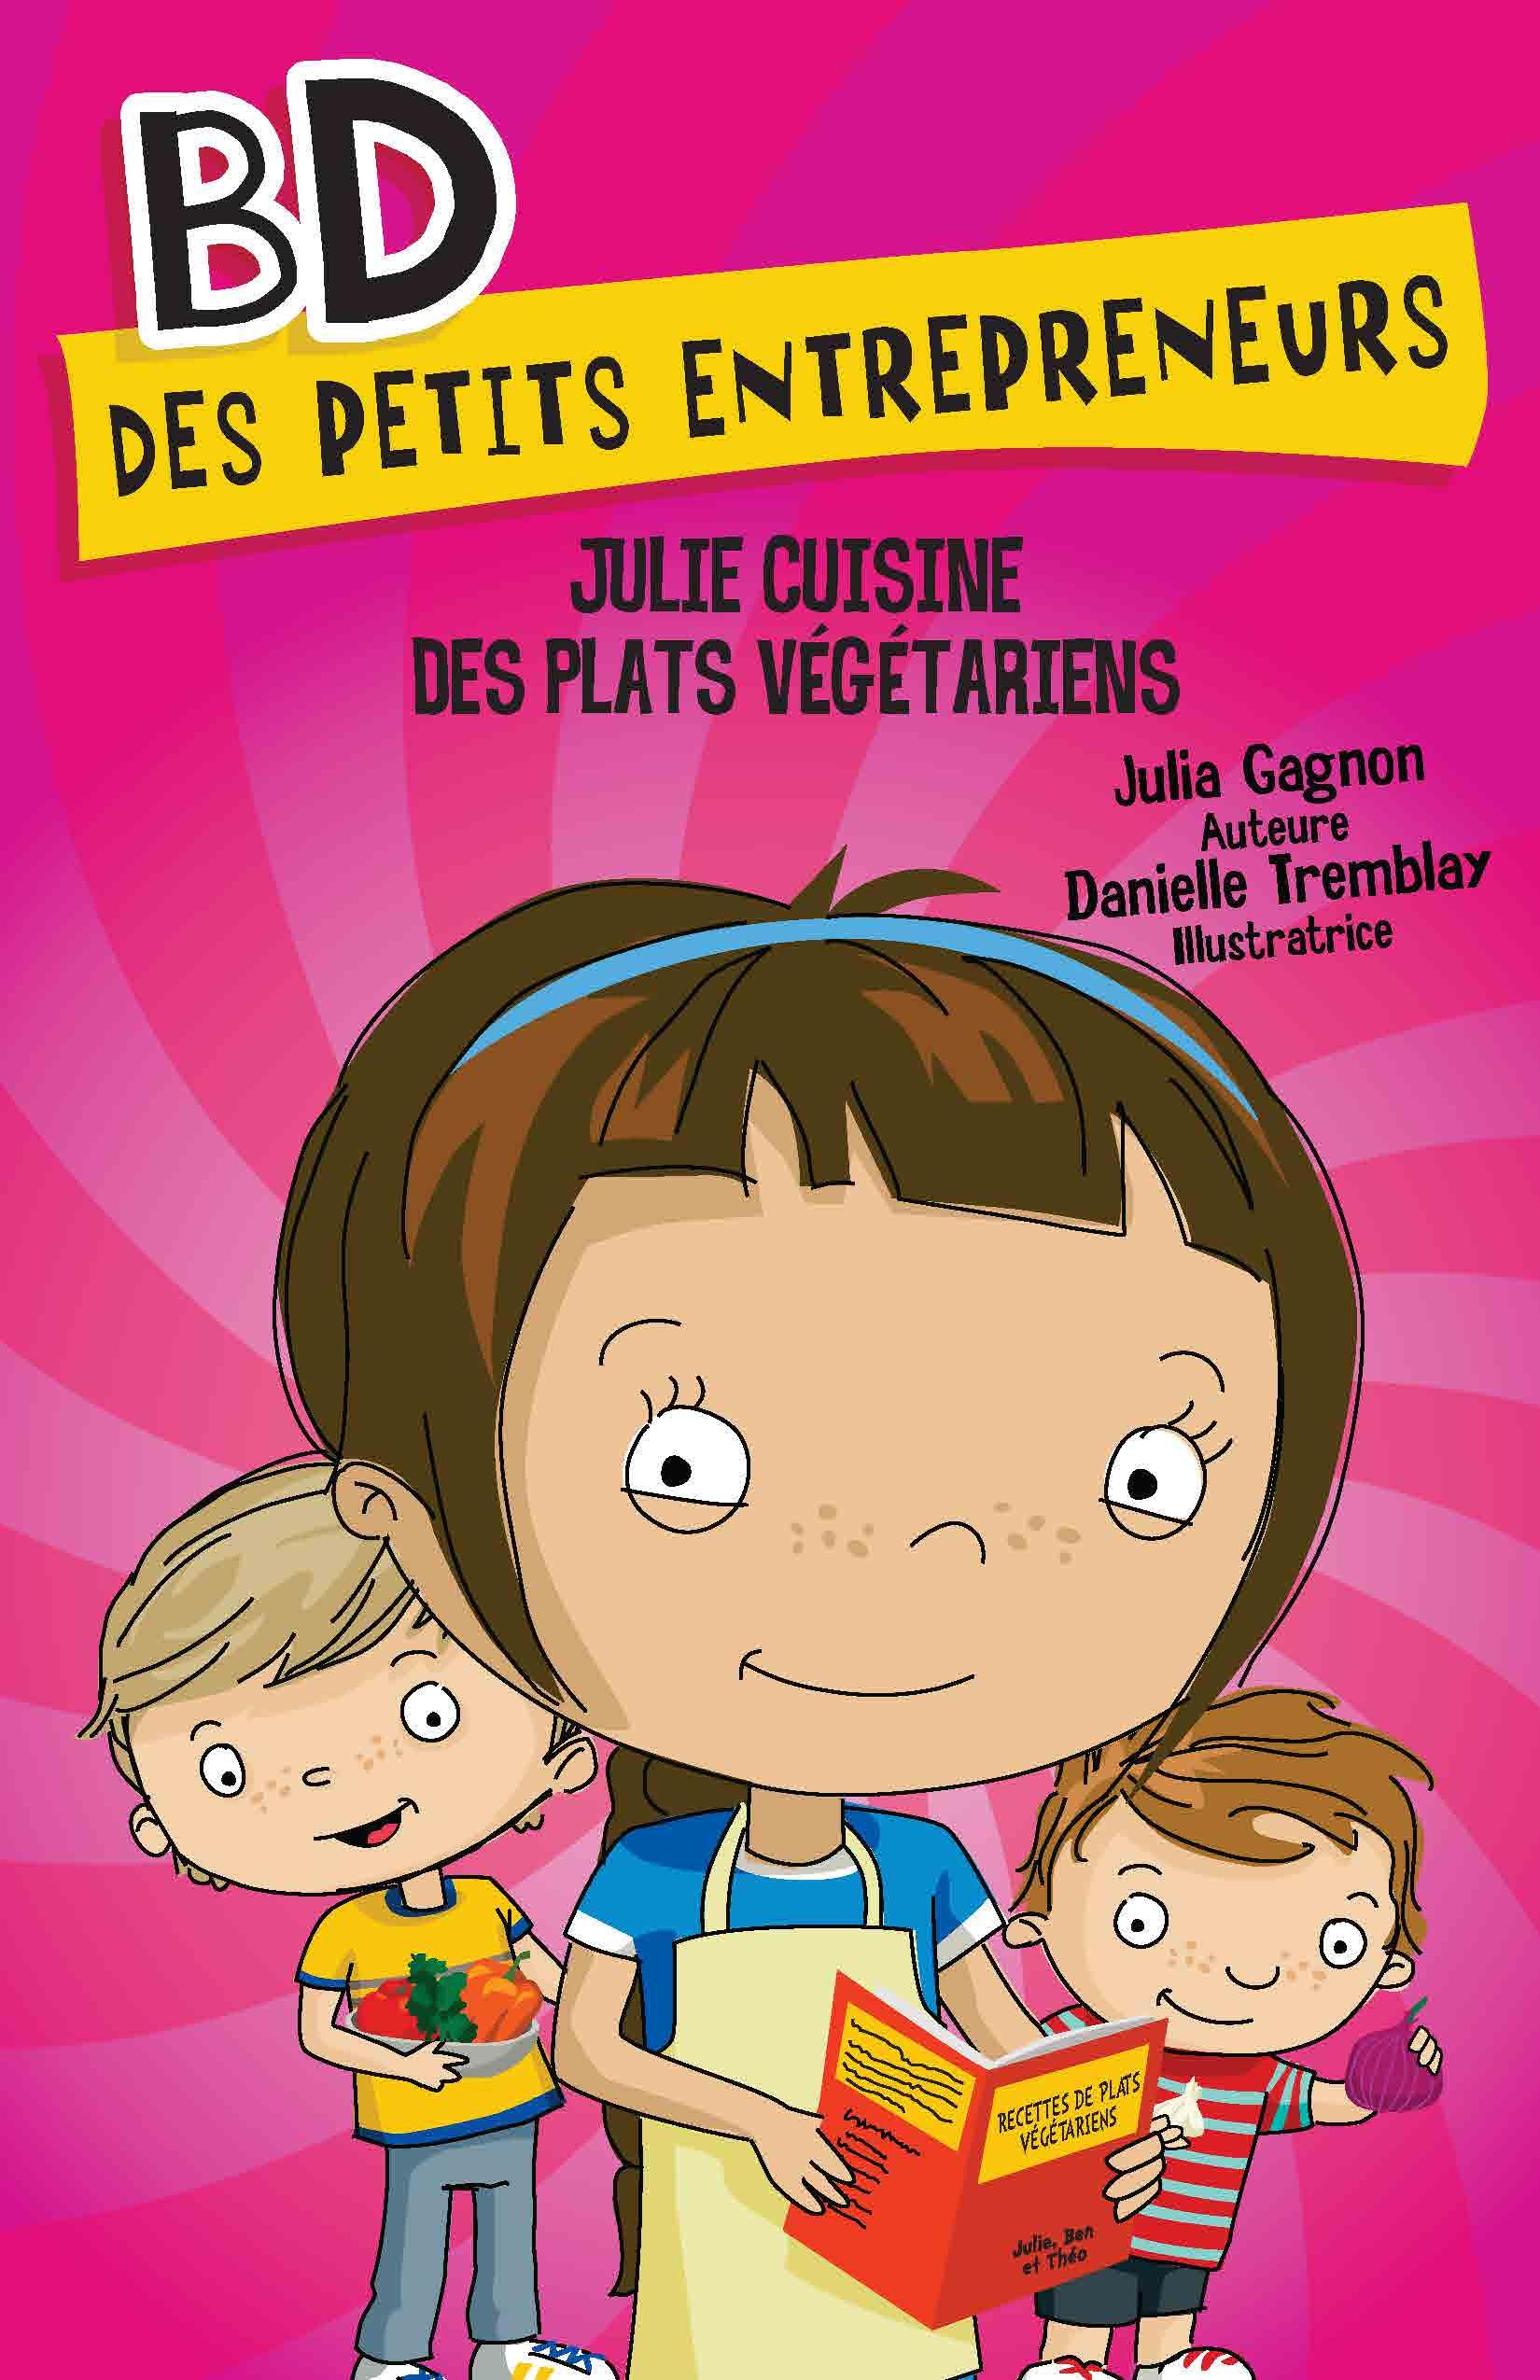 Julie cuisine des plats végétariens